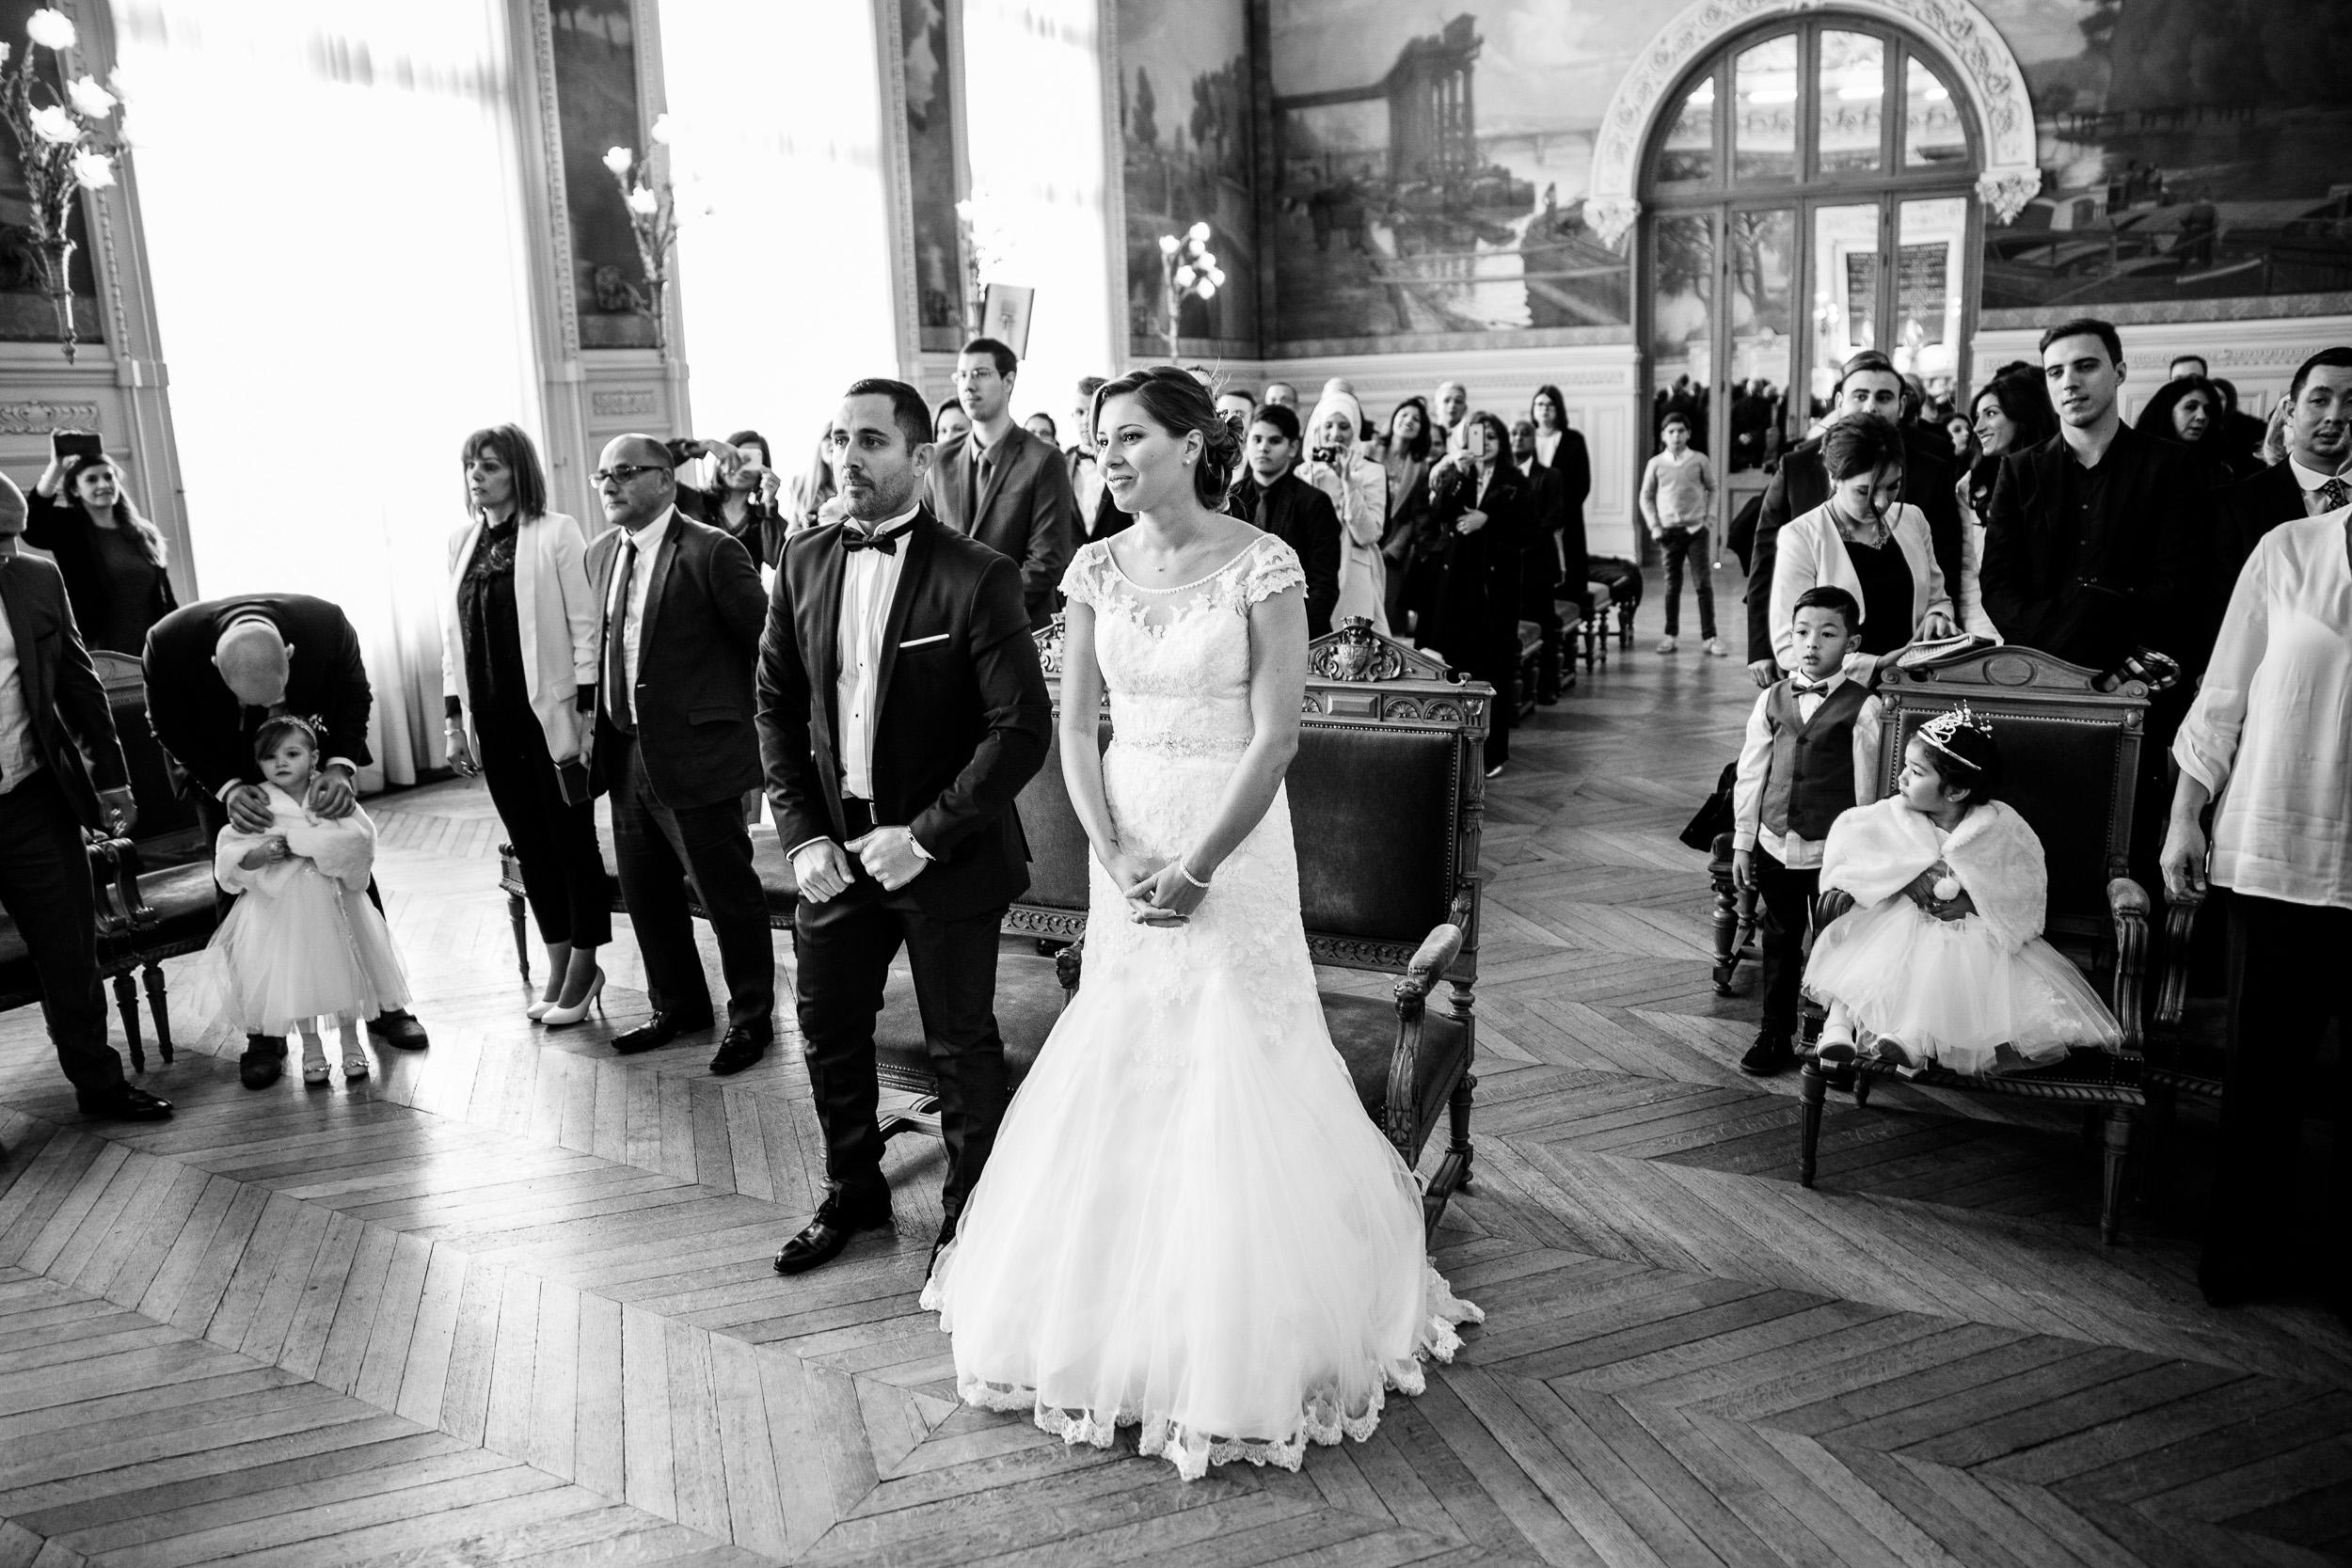 photographe mariage asniere sur seine (1